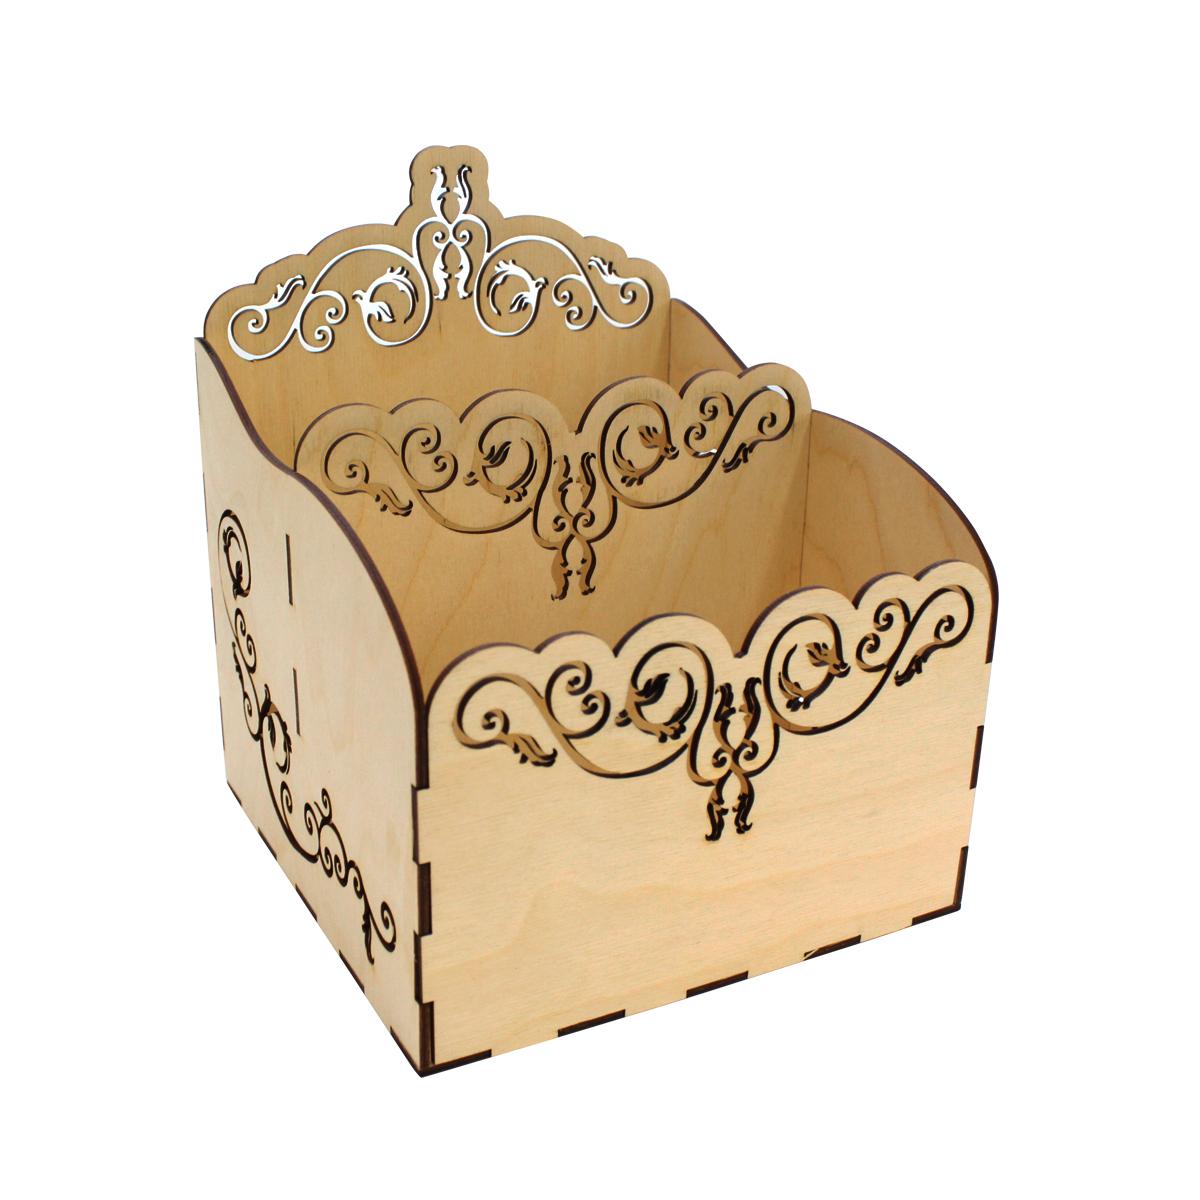 Деревянная заготовка Астра Узор, подставка для салфеток , 22 x 18 x 18 см484598Вашему вниманию предлагается заготовка из дерева бренда Астра. Деревянные заготовки — отличный объект для вашего творчества, а также воплощения самых креативных задумок и идей. Дерево - материл, который прекрасно подходит для декупажа, декорирования бисером, росписи и так далее.